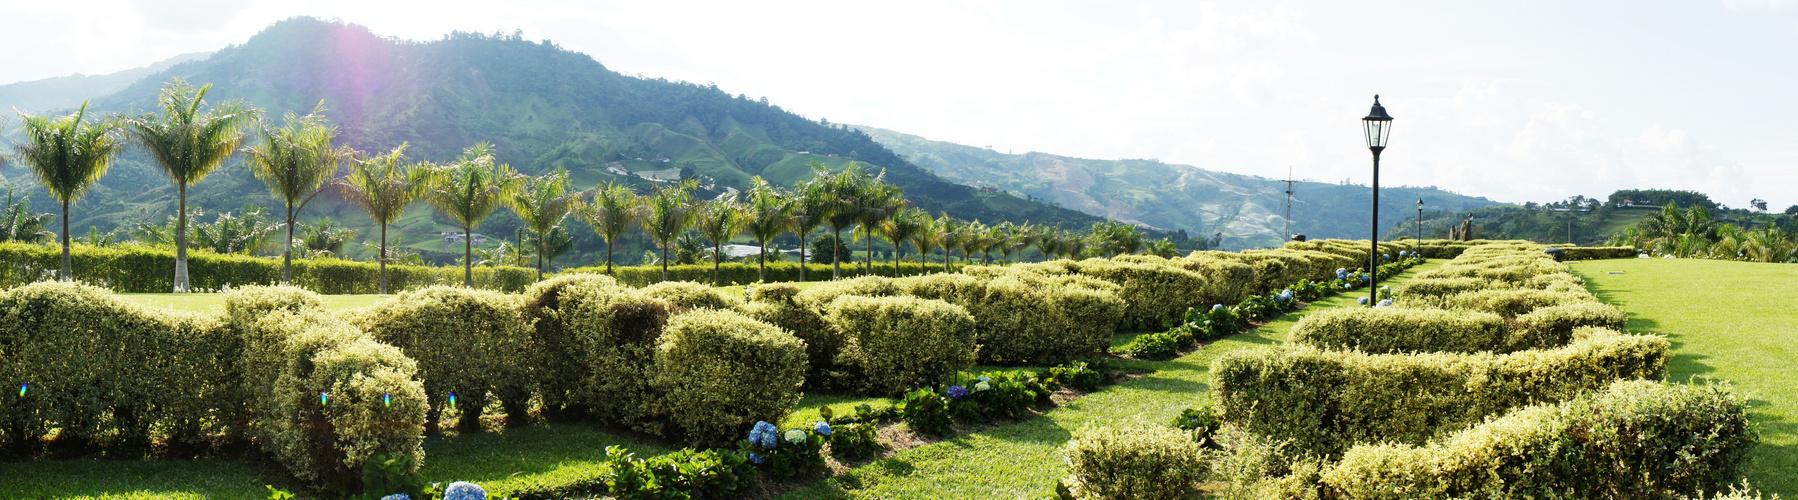 CEMENTERIO EL JAZMIN - SANTA ROSA DE CABAL, RISARALDA COLOMBIA